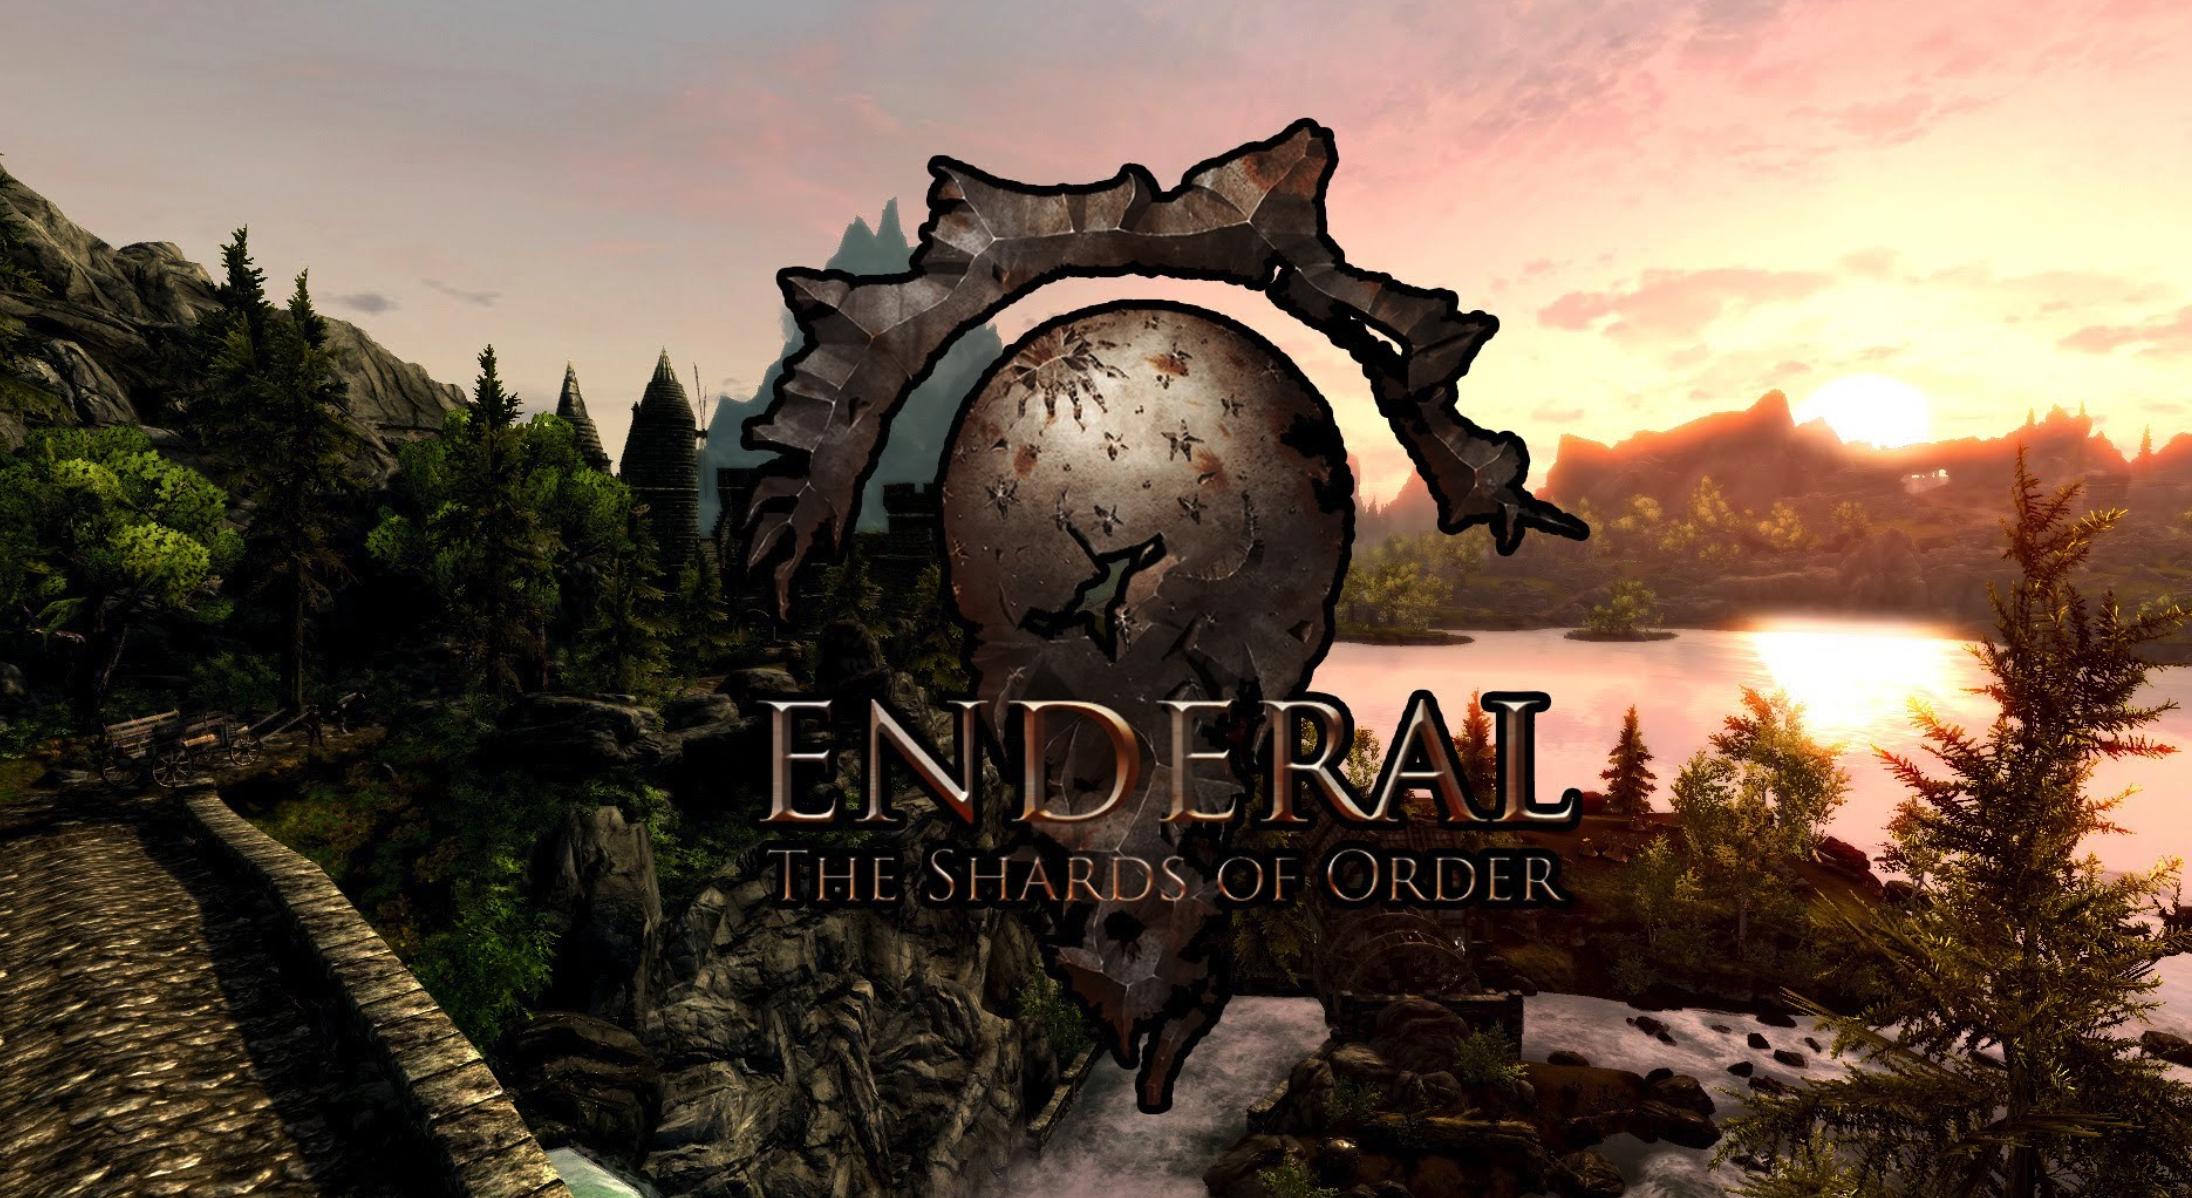 Enderal мод для Skyrim